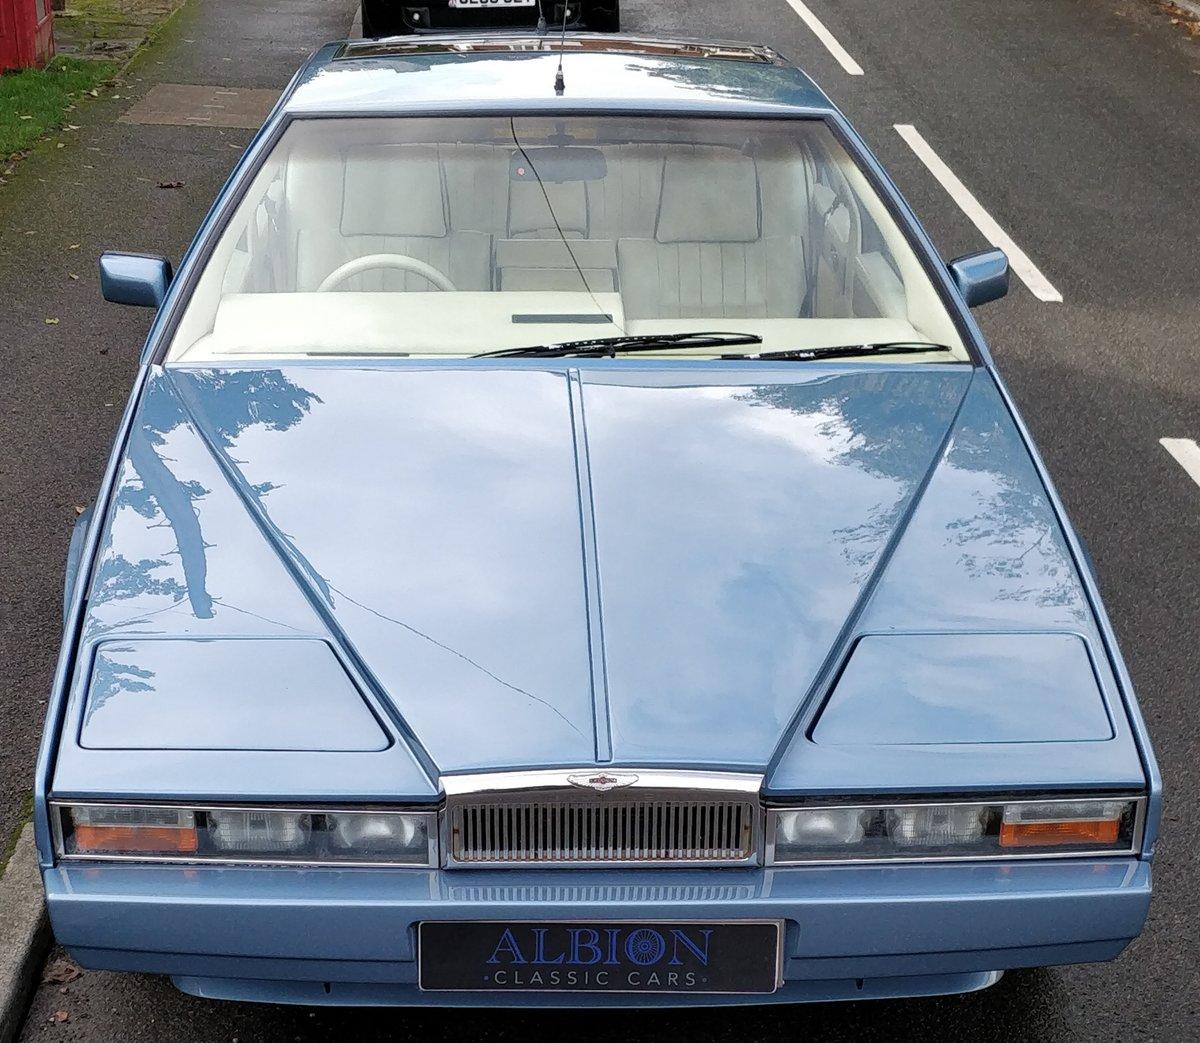 1986 Aston Martin Lagonda rare Series 3 restored For Sale (picture 2 of 6)